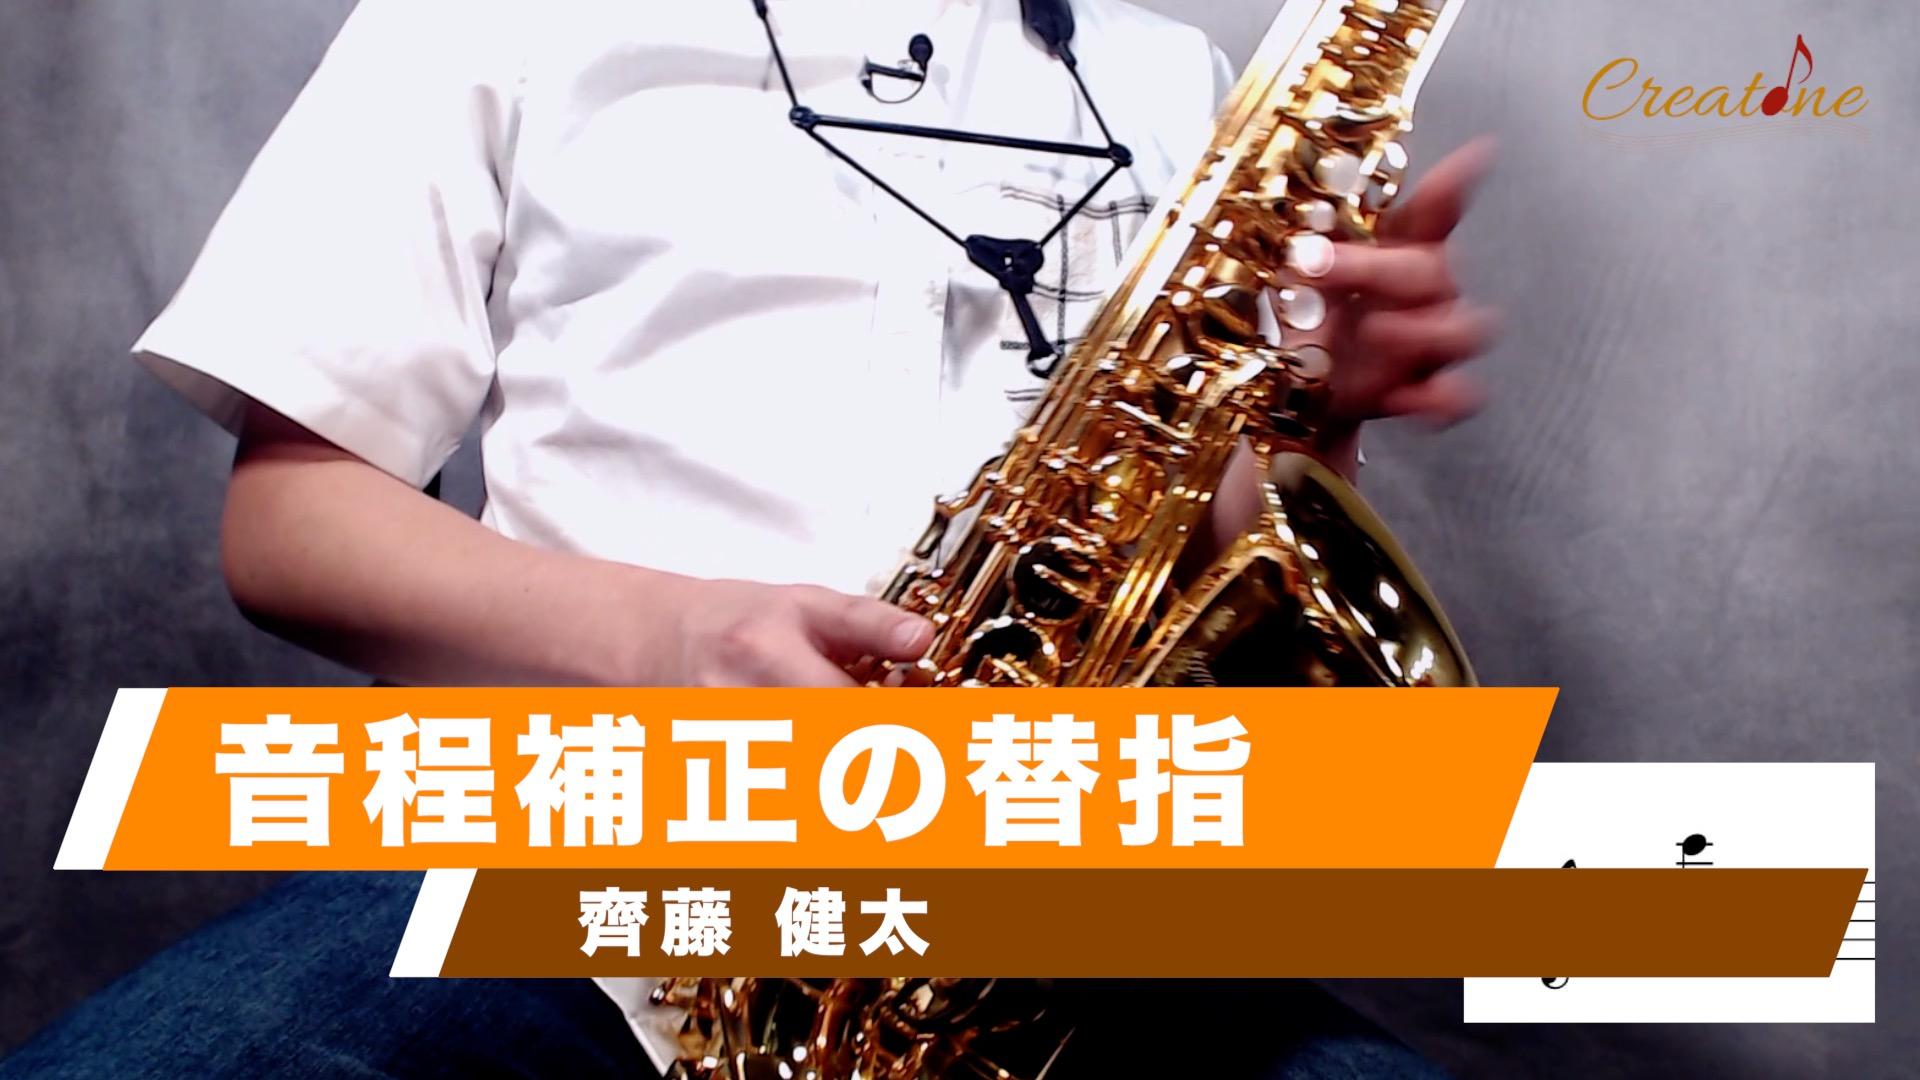 齊藤健太27 音程補正の替指 サムネ